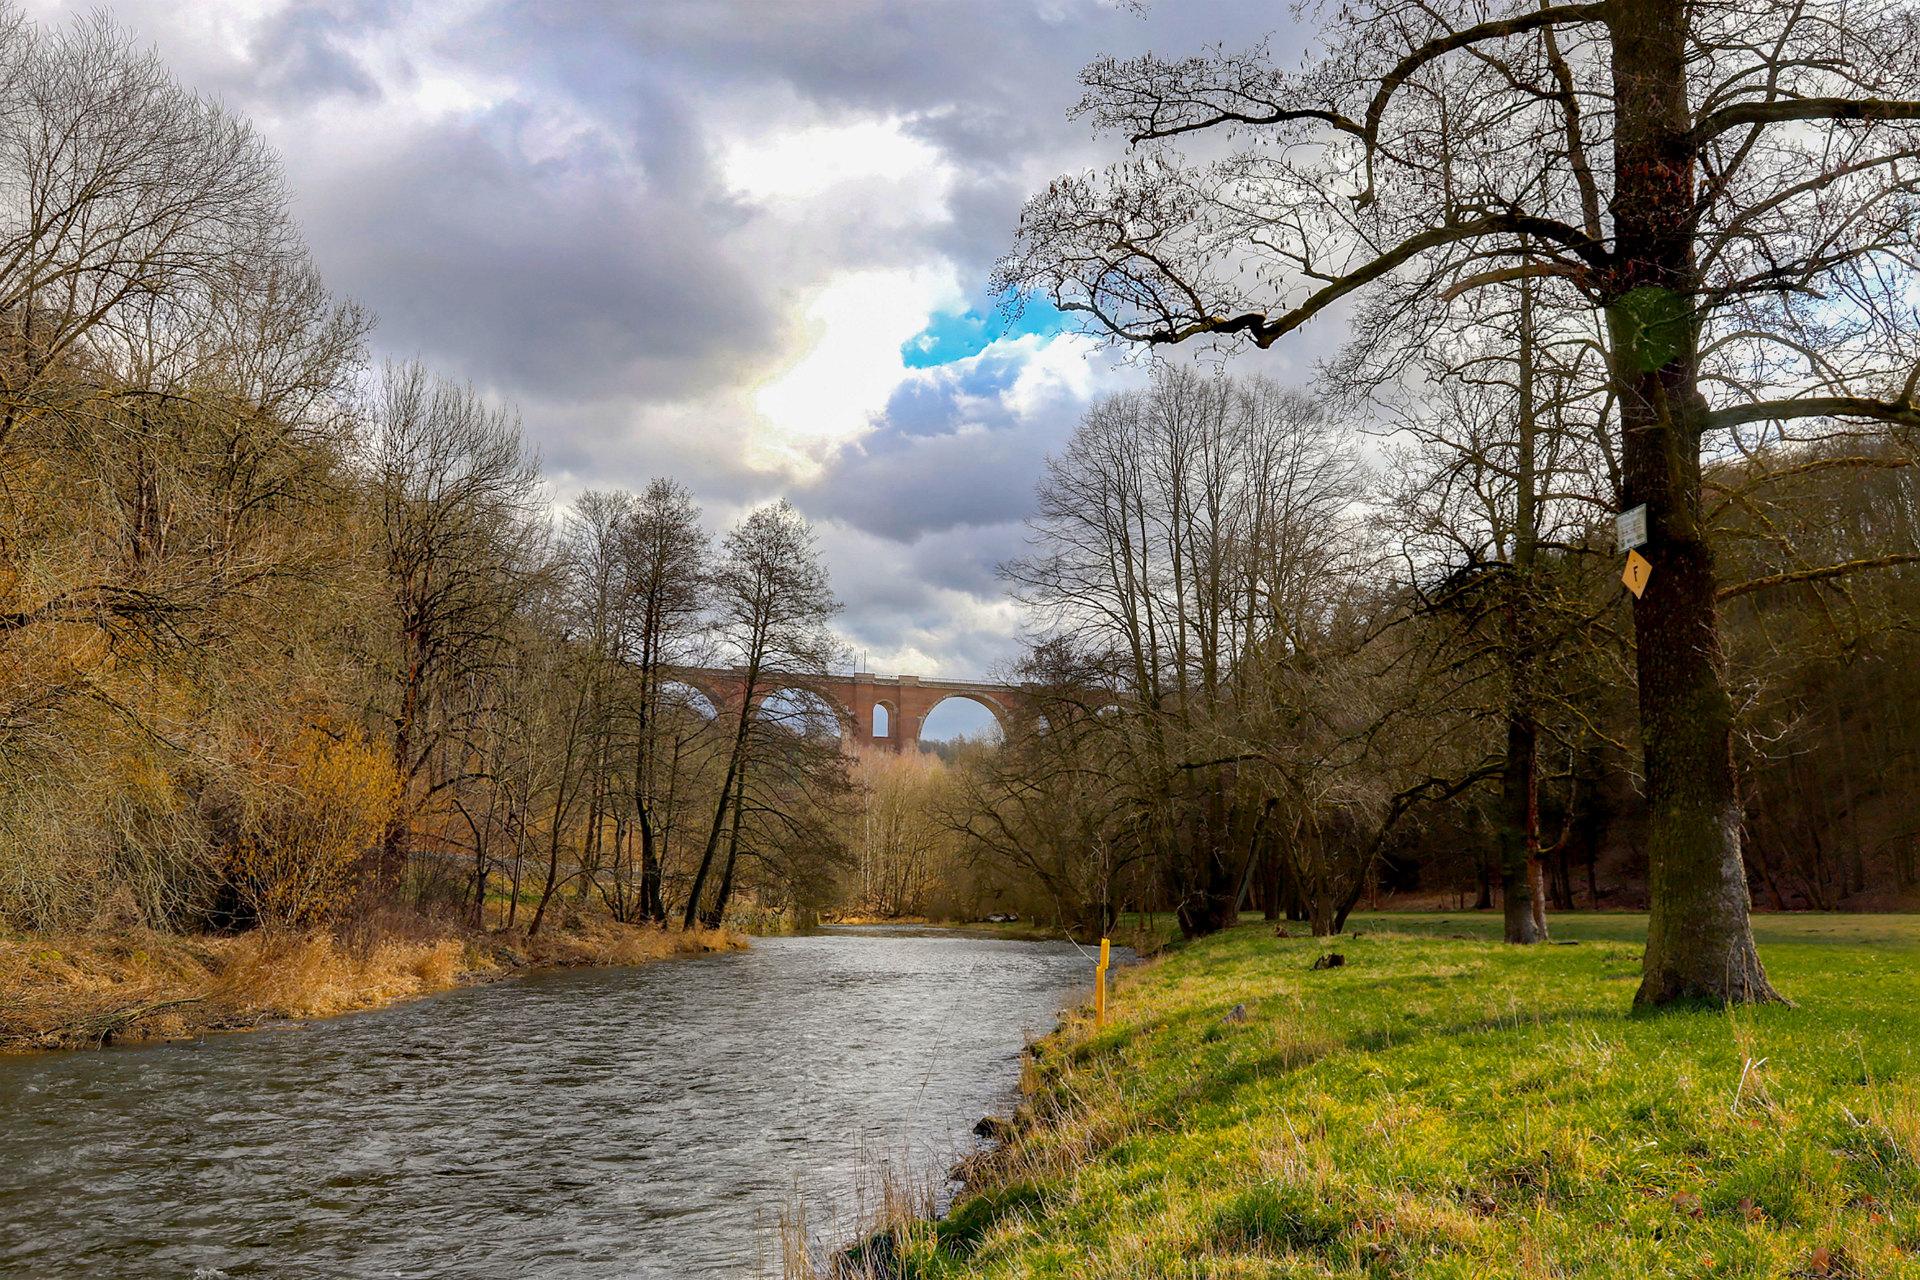 Naturfreunde Sachsen OG Plauen übergeben Informationen zur Flußlandschaft 2020/2021